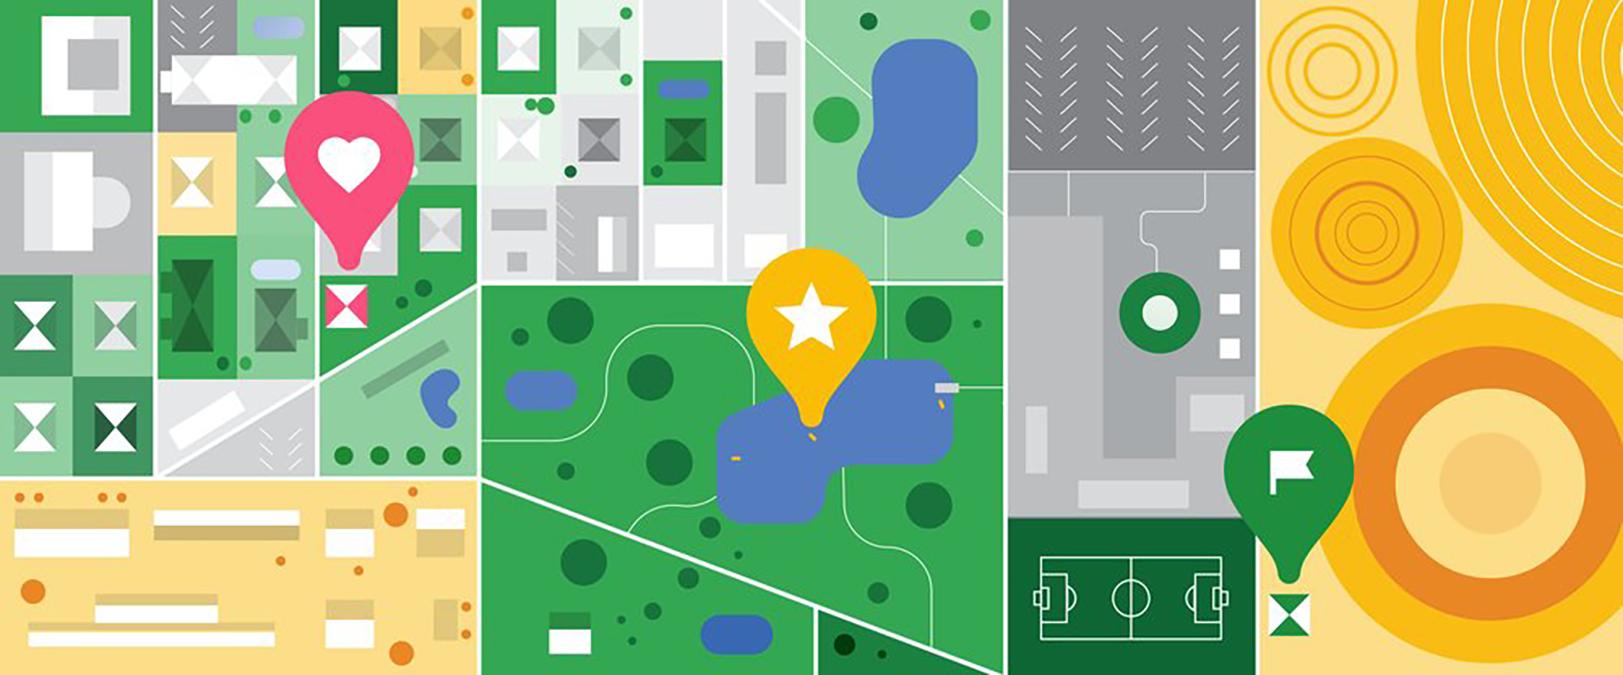 Google Mapy dostanou novou sekci Uloženo